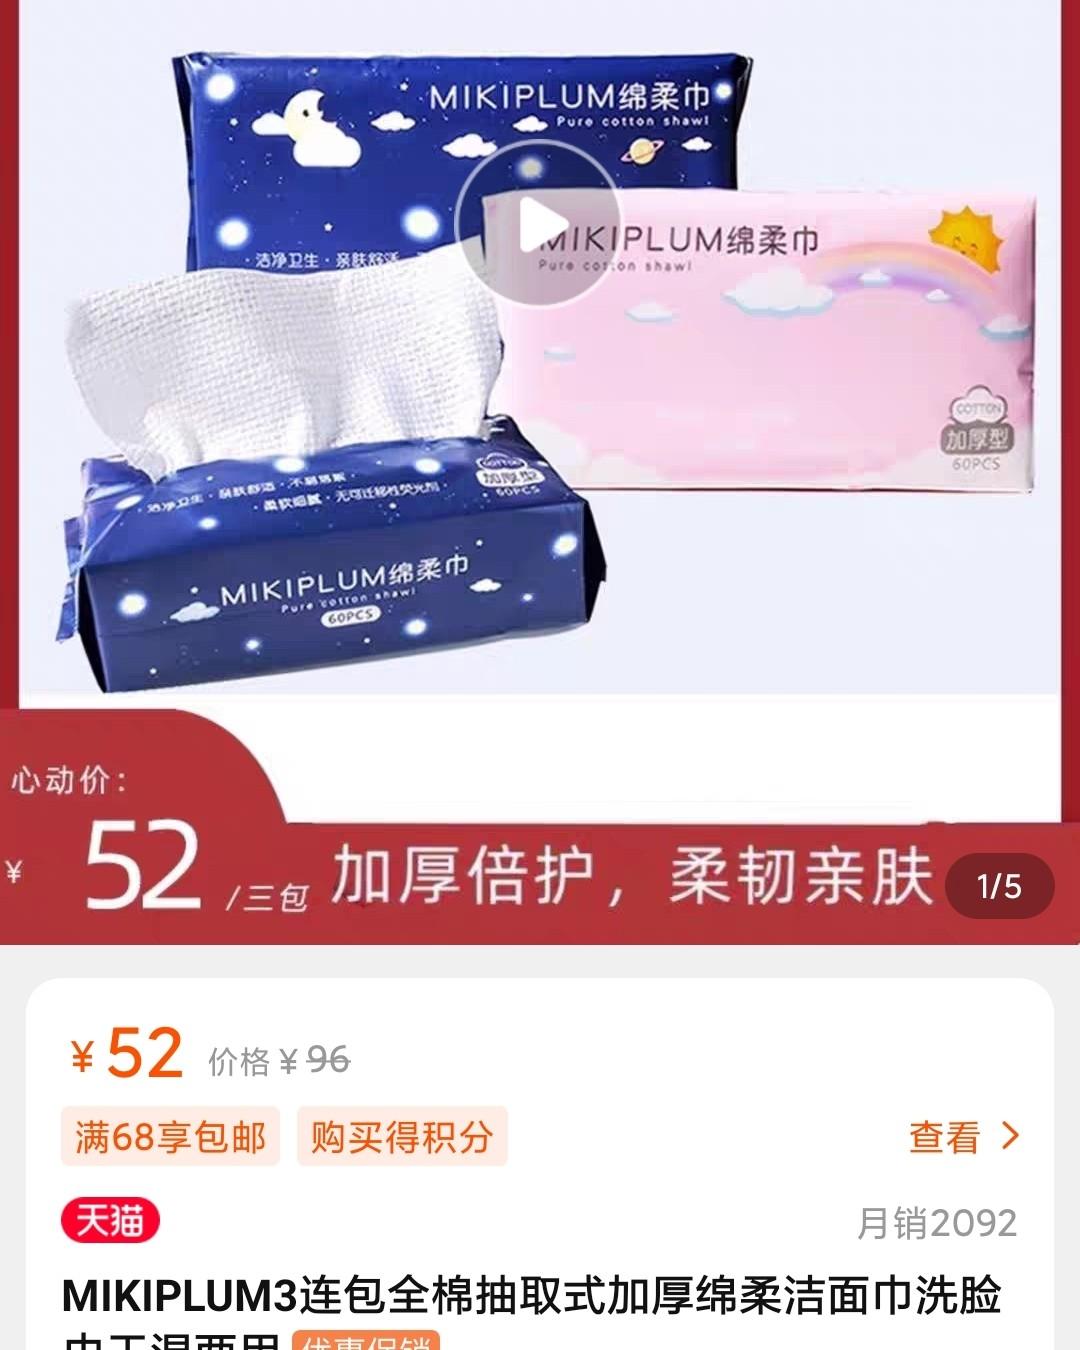 ✨双11购物省钱攻略---Mikiplum洗脸巾  双十一适